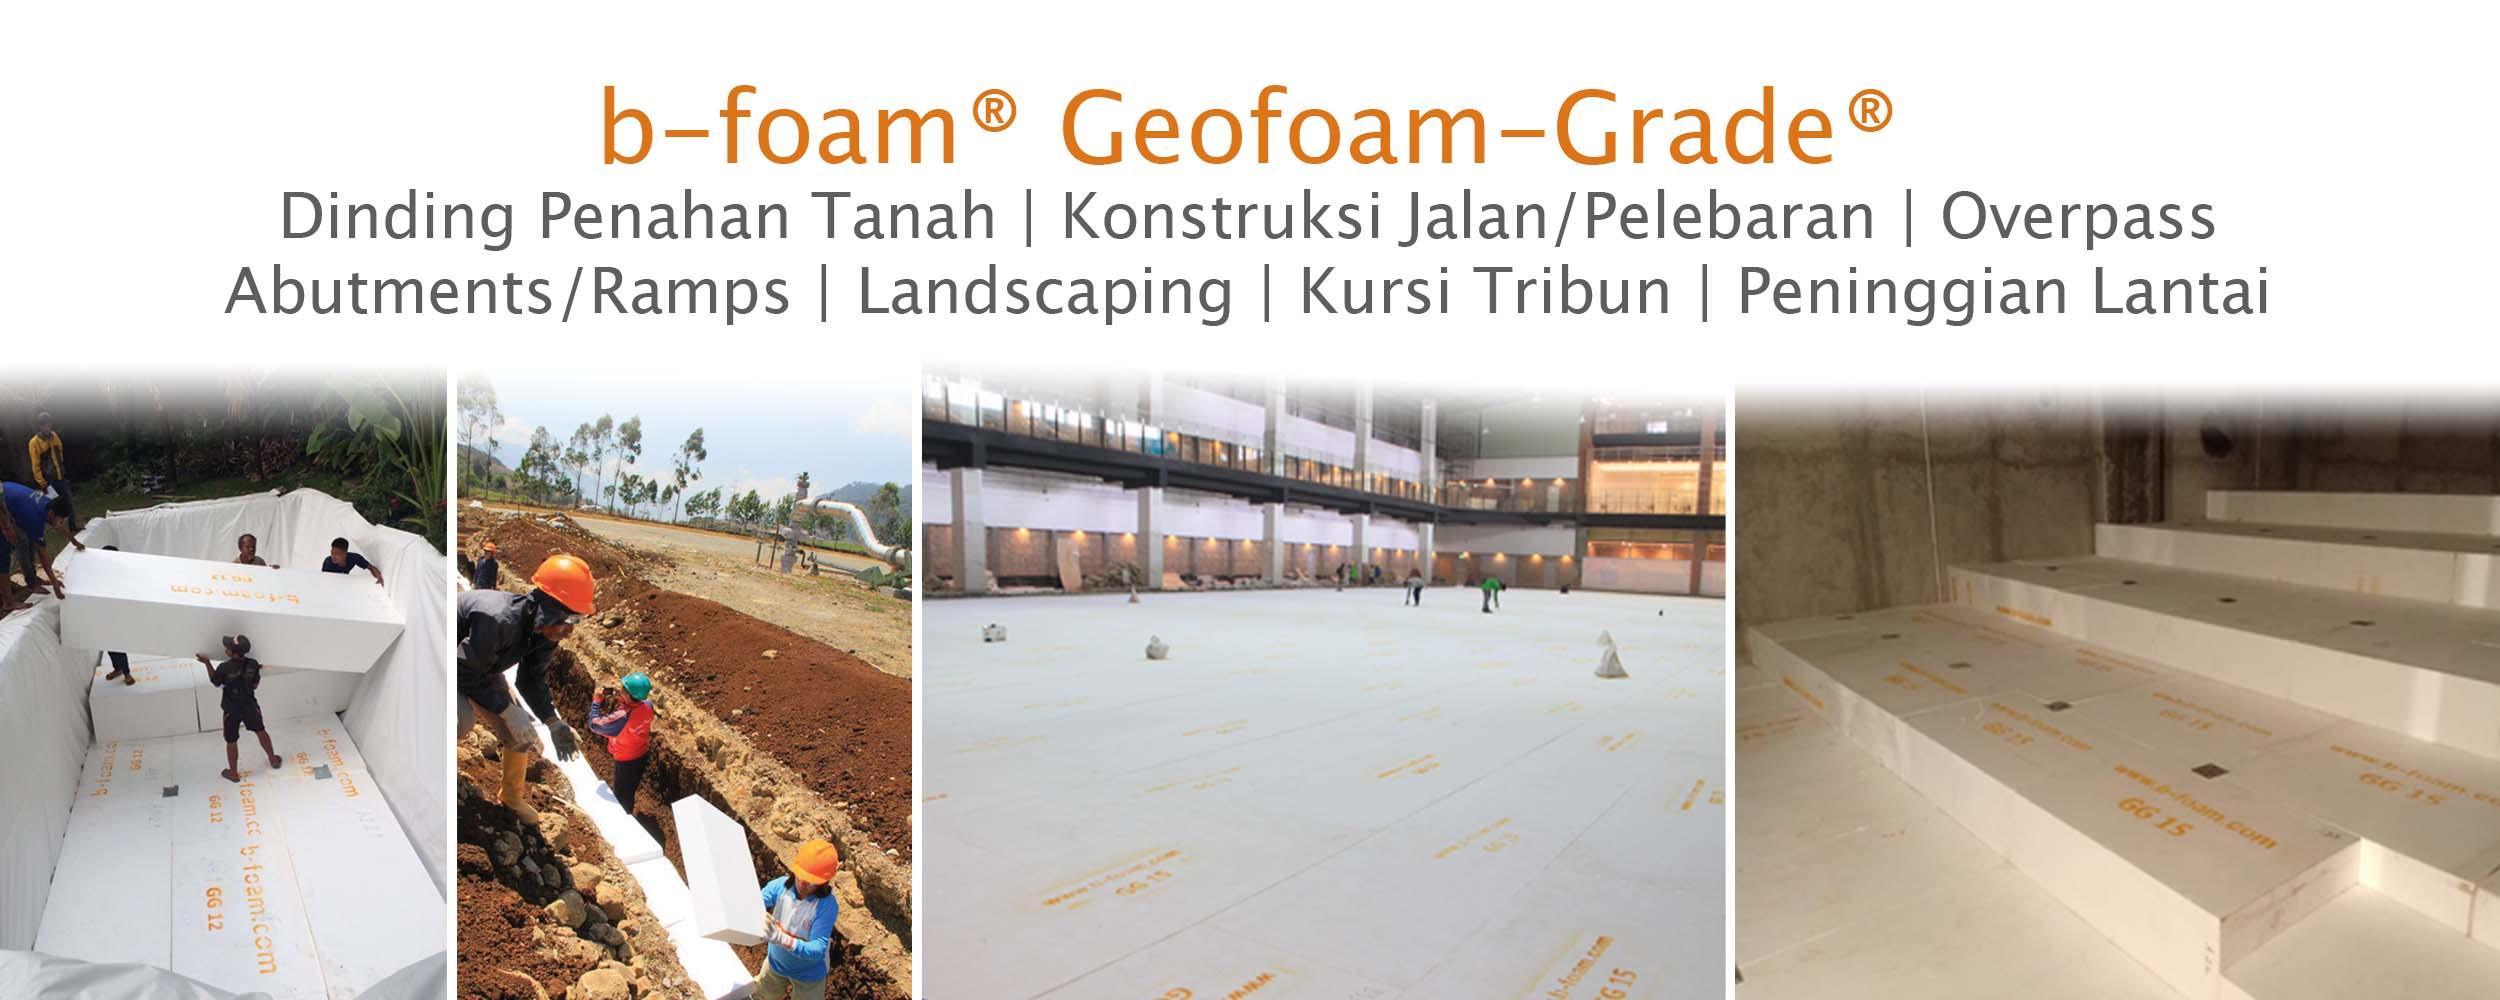 Team b-foam